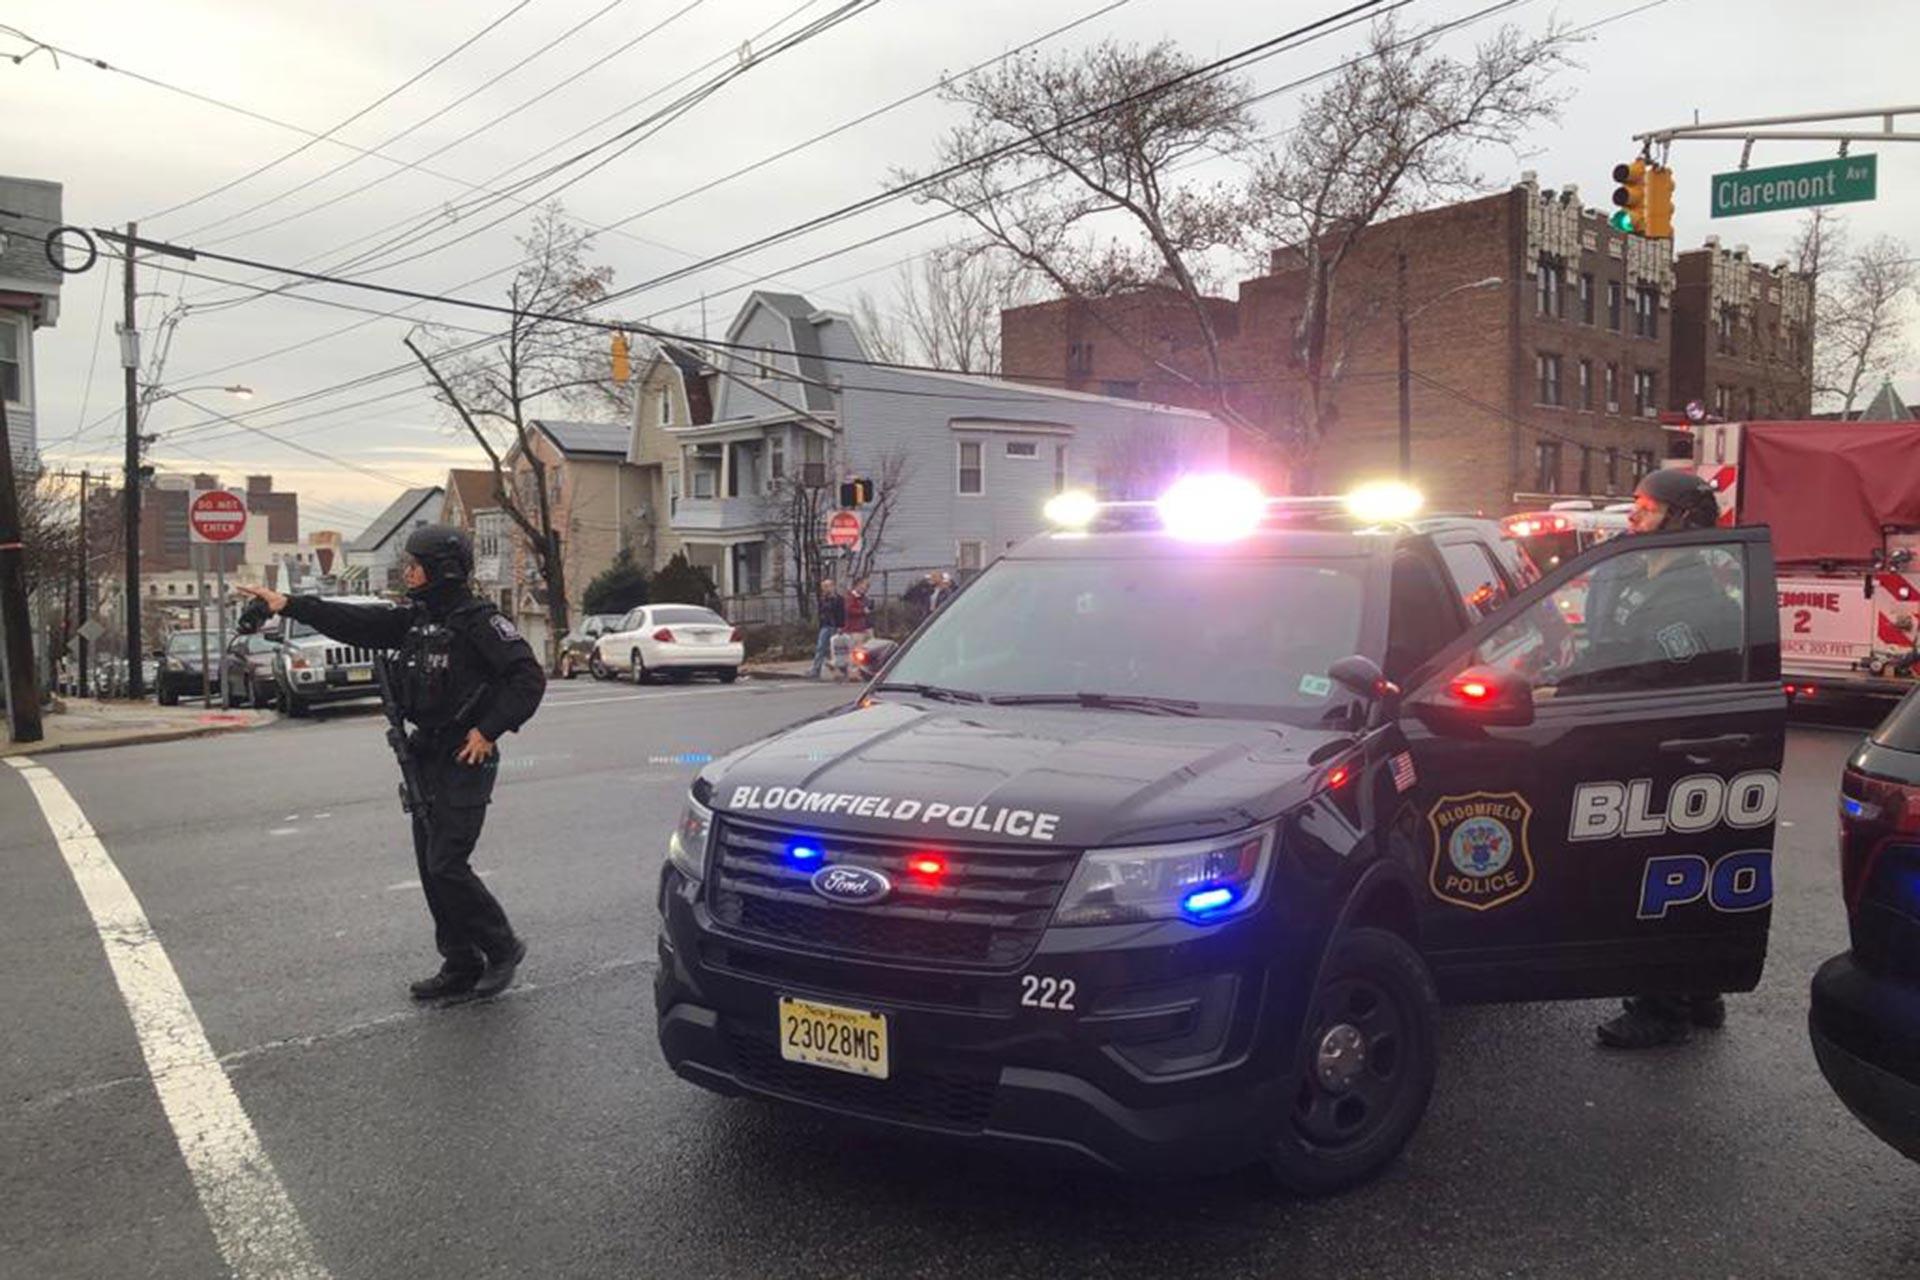 ABD'de olayın yaşandığı bölgede bir polis aracı